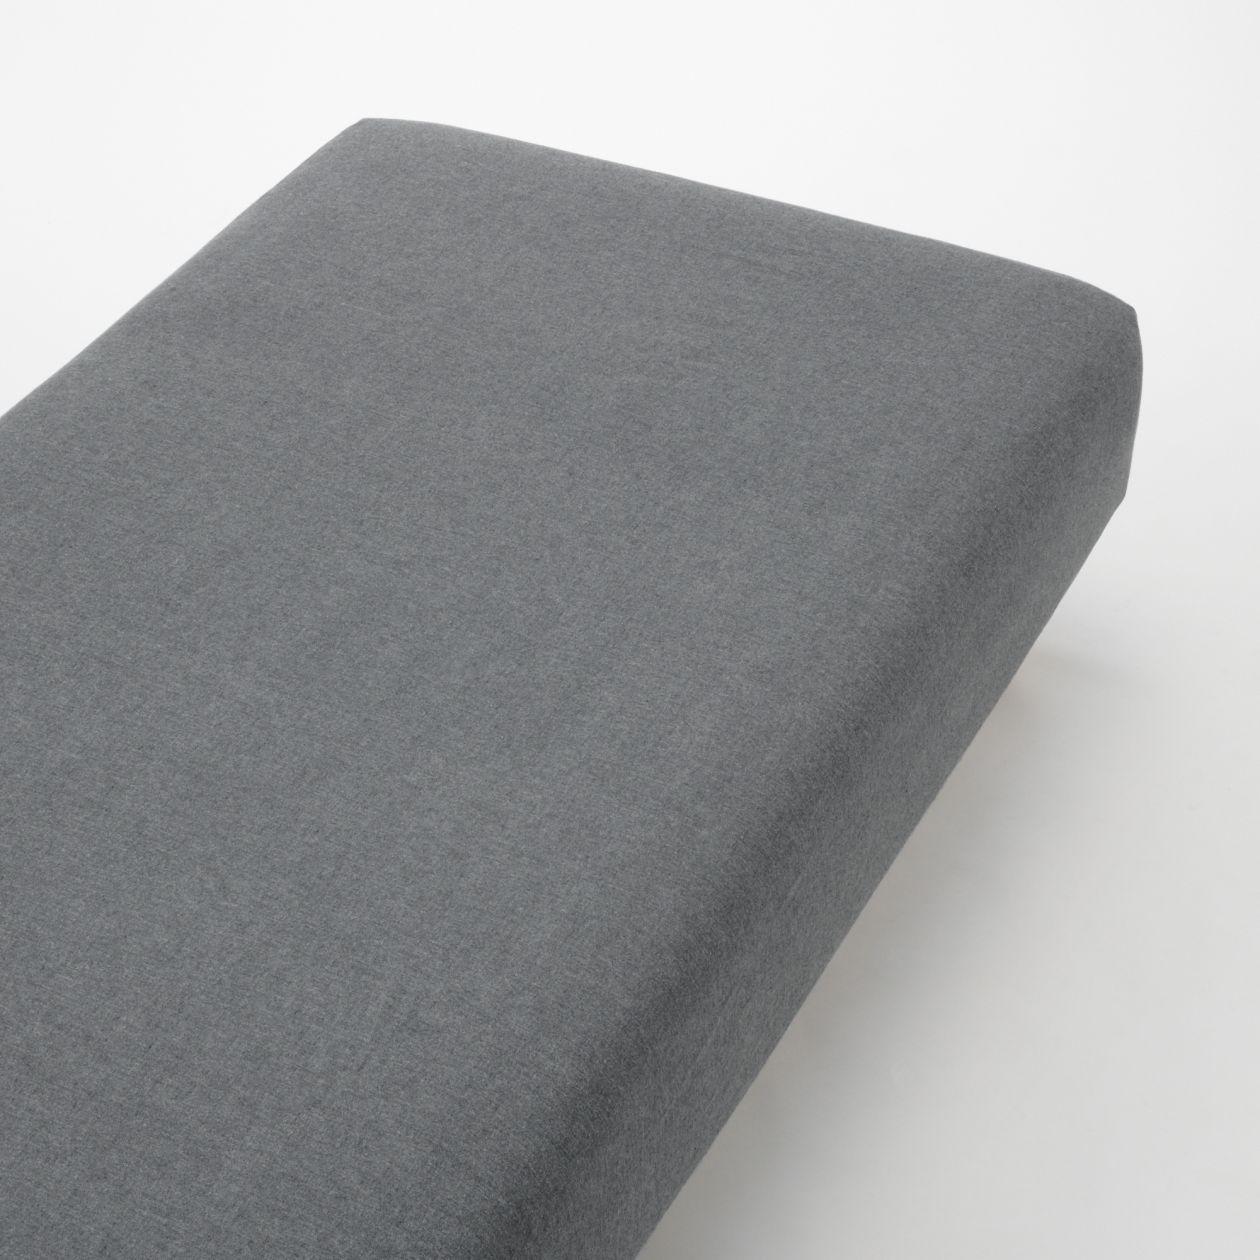 綿フランネルボックスシーツ・SS/杢グレー